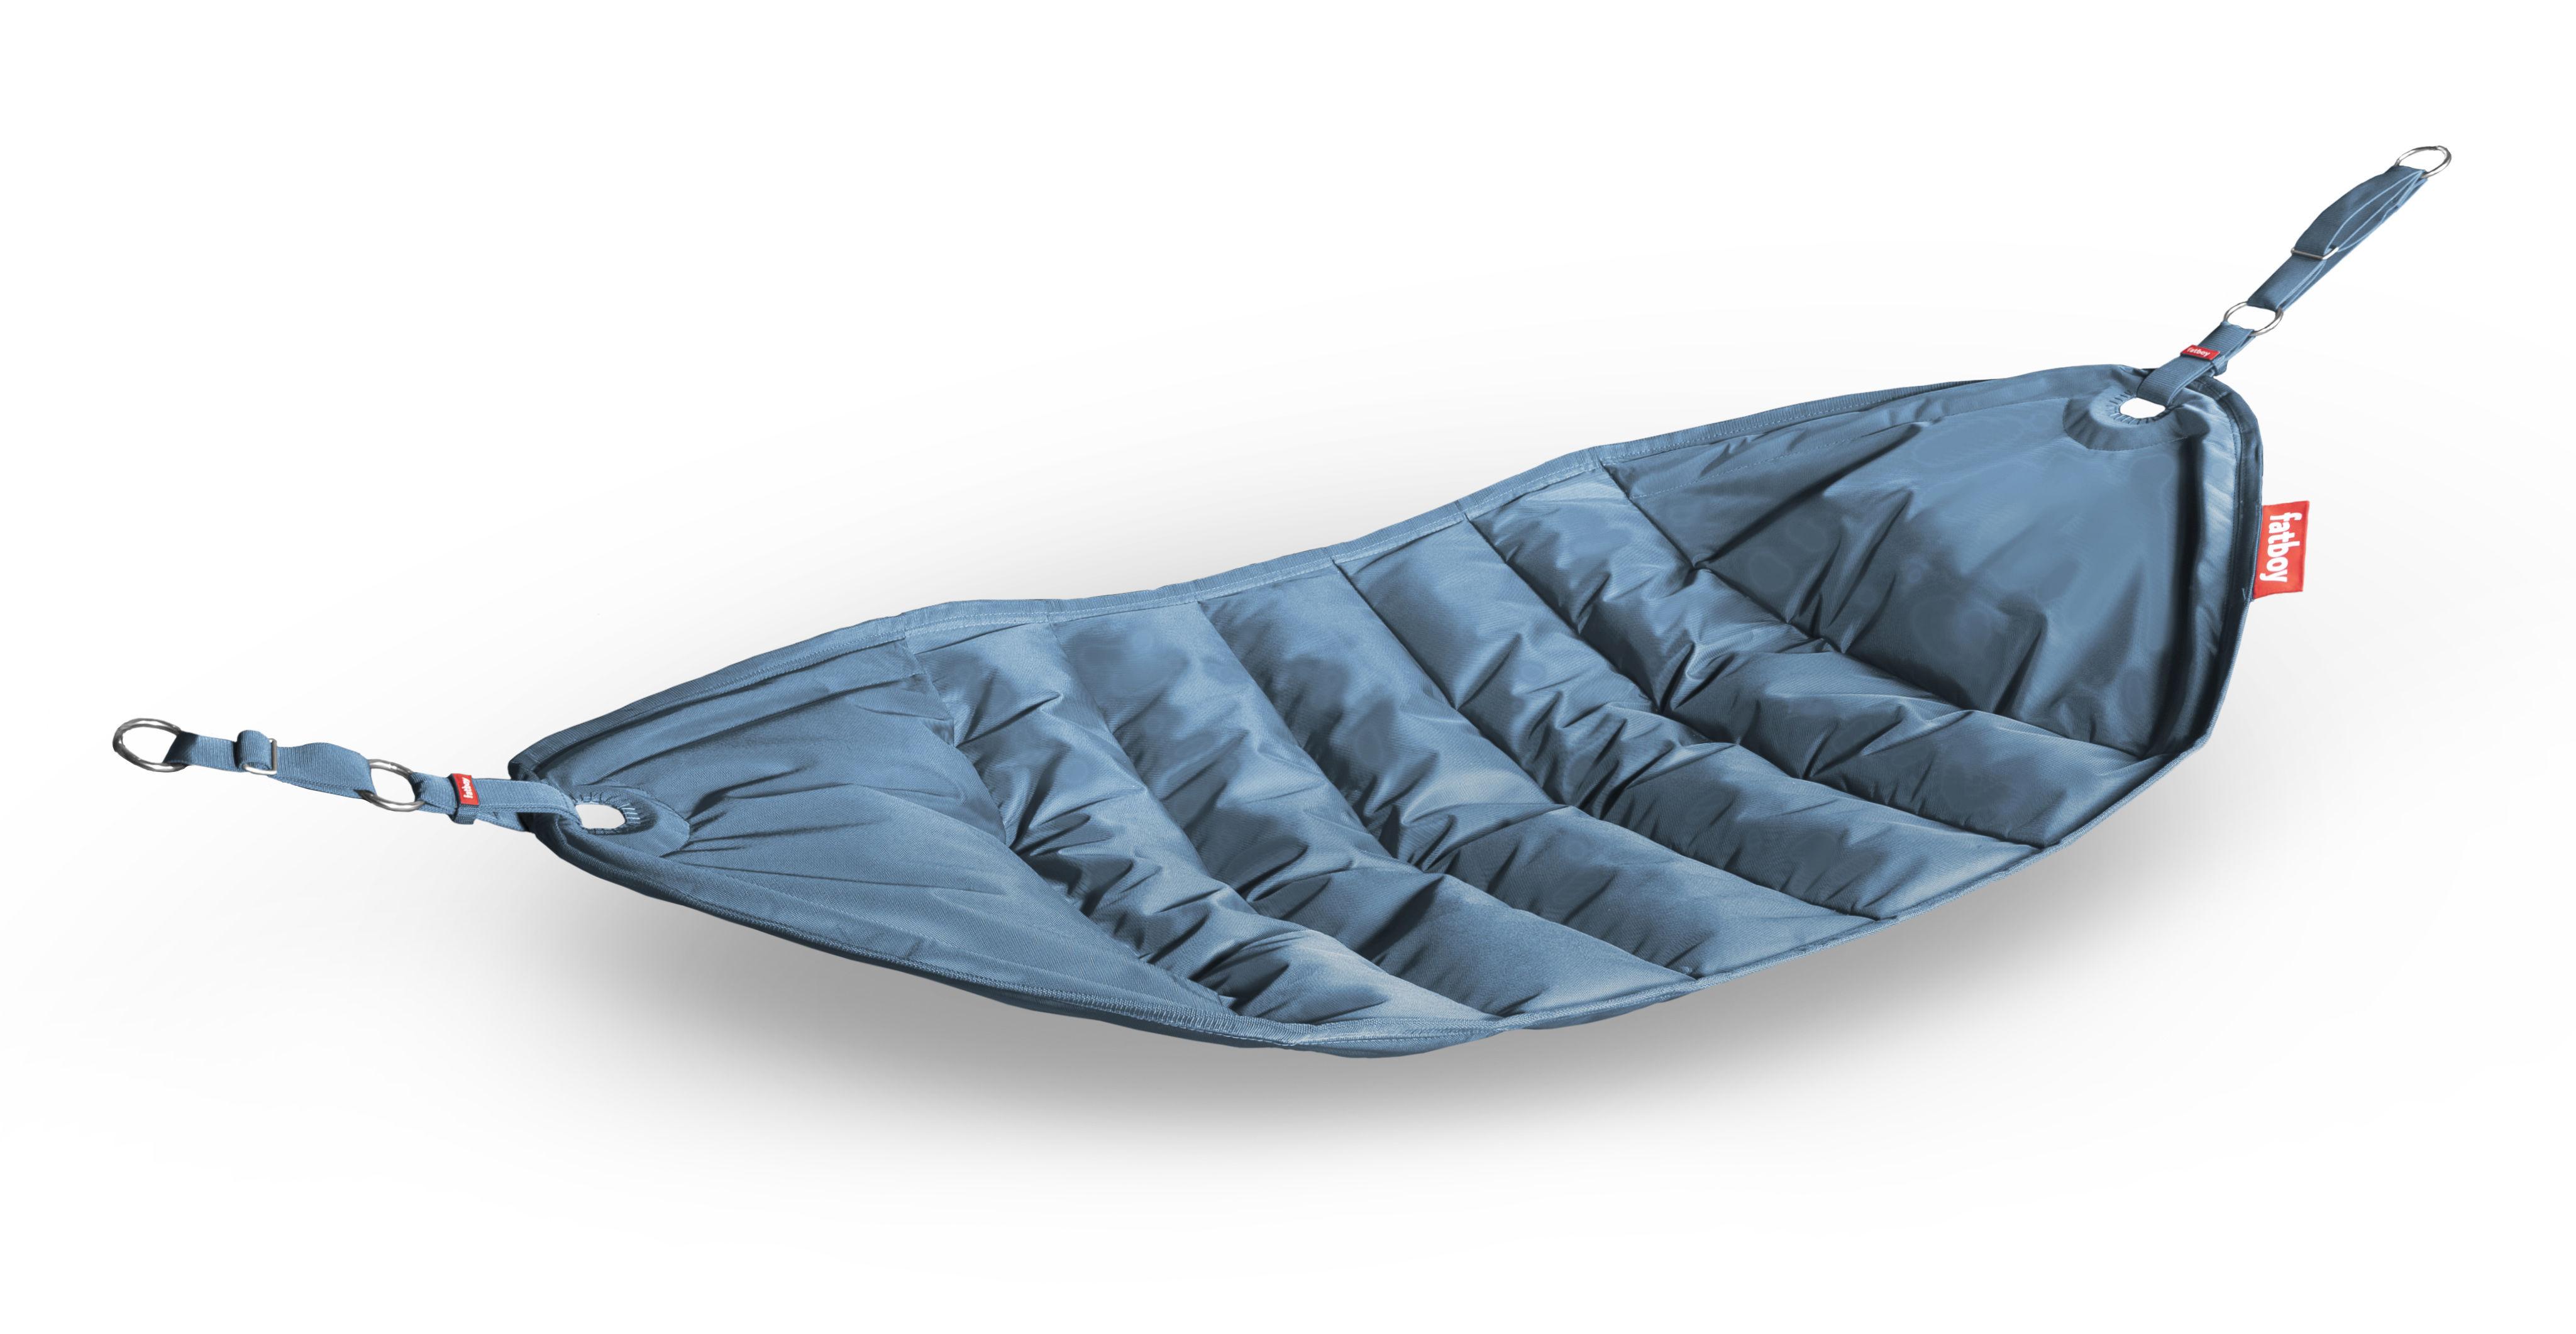 Outdoor - Chaises longues et hamacs - Hamac Headdepleck / à suspendre - Fatboy - Bleu pétrole - Fibre de polyester, Tissu d'extérieur polyester